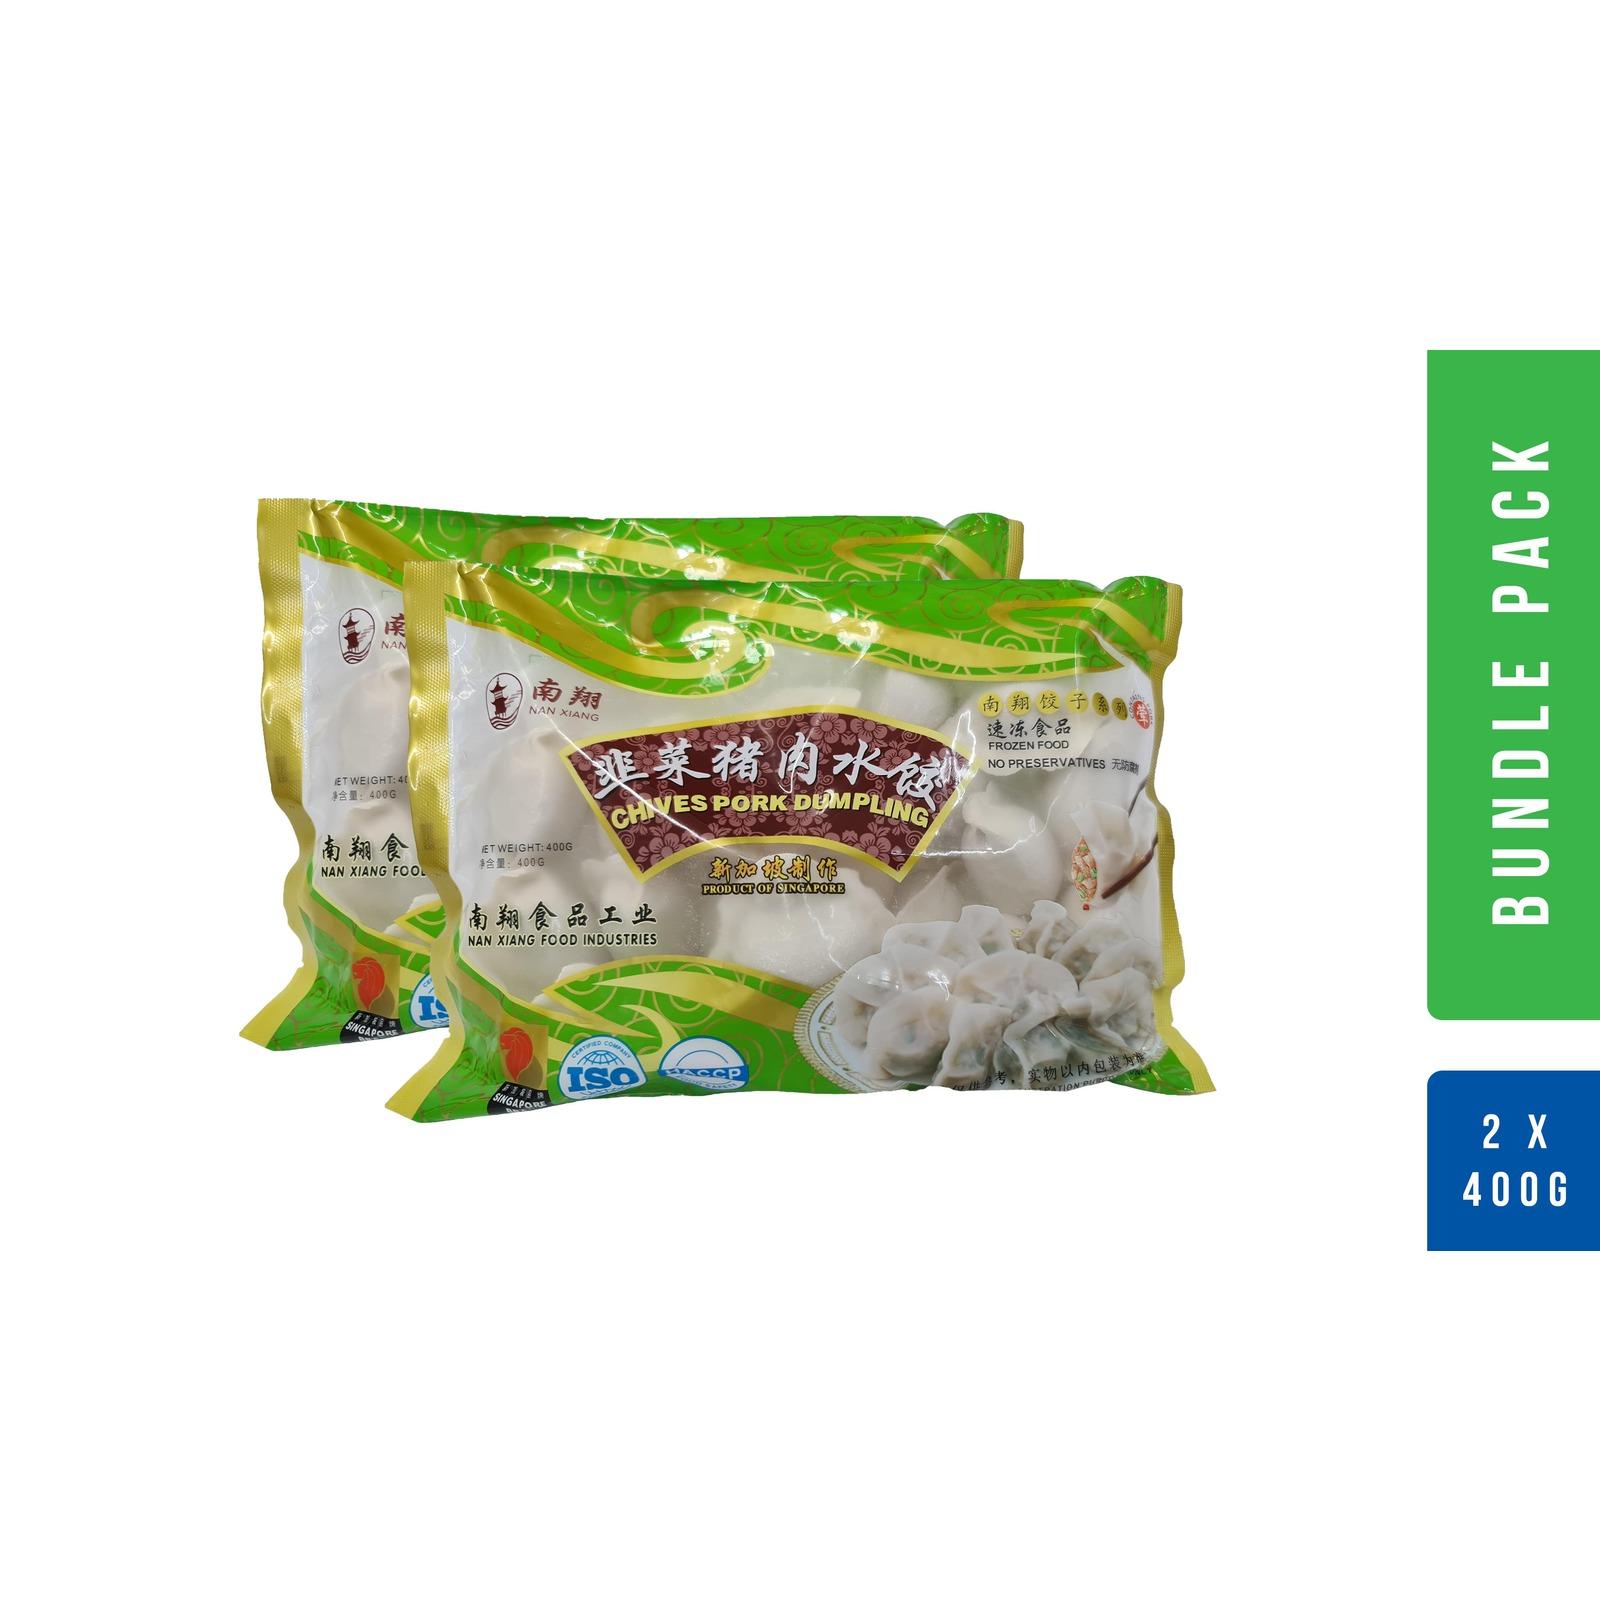 Nan Xiang Chives Pork Dumpling (2 Packs)